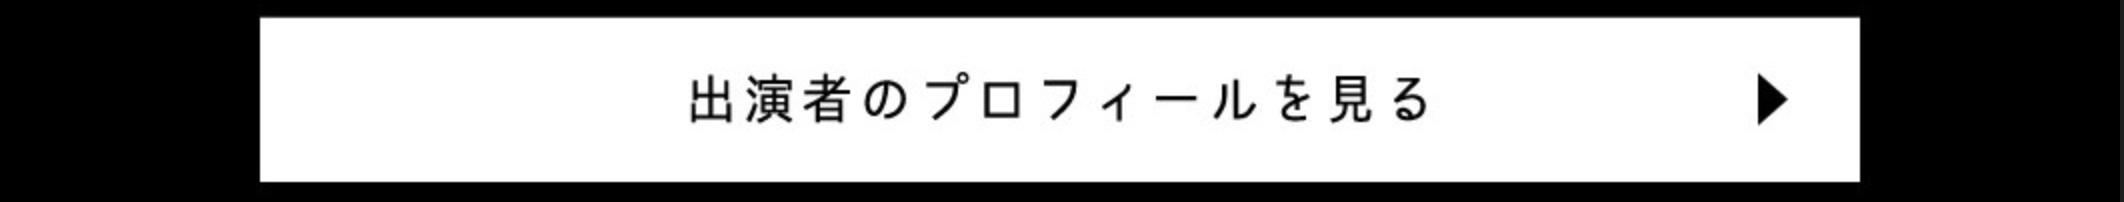 スクリーンショット 2016-11-15 19.08.34